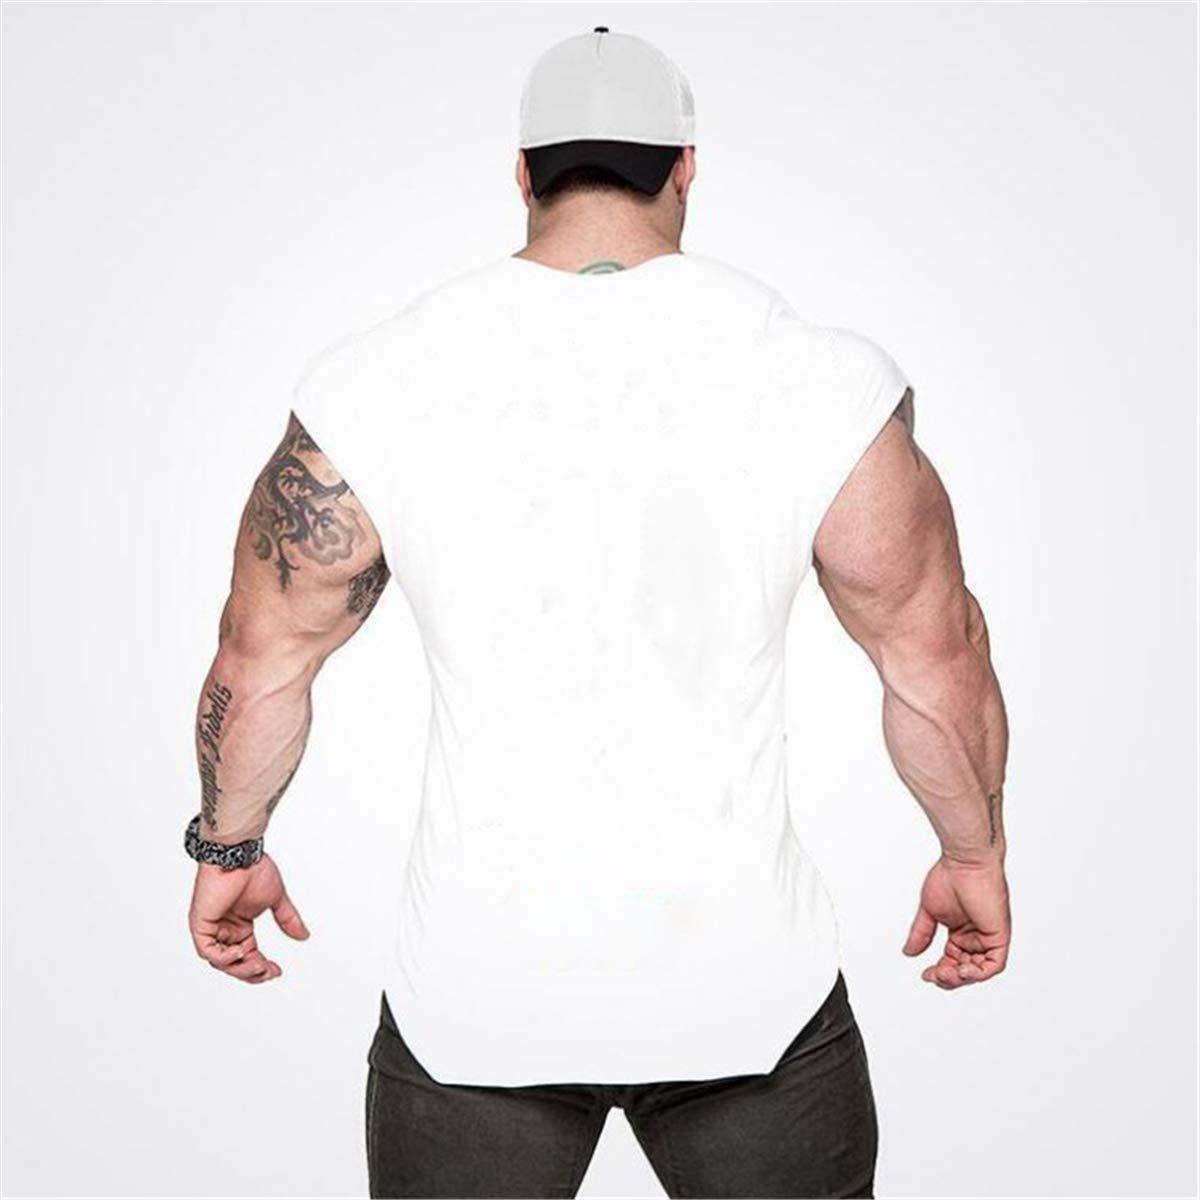 Cabeen Uomo Maglietta Palestra Sport Body Building Allenamento T-Shirt Tank Top Cotone